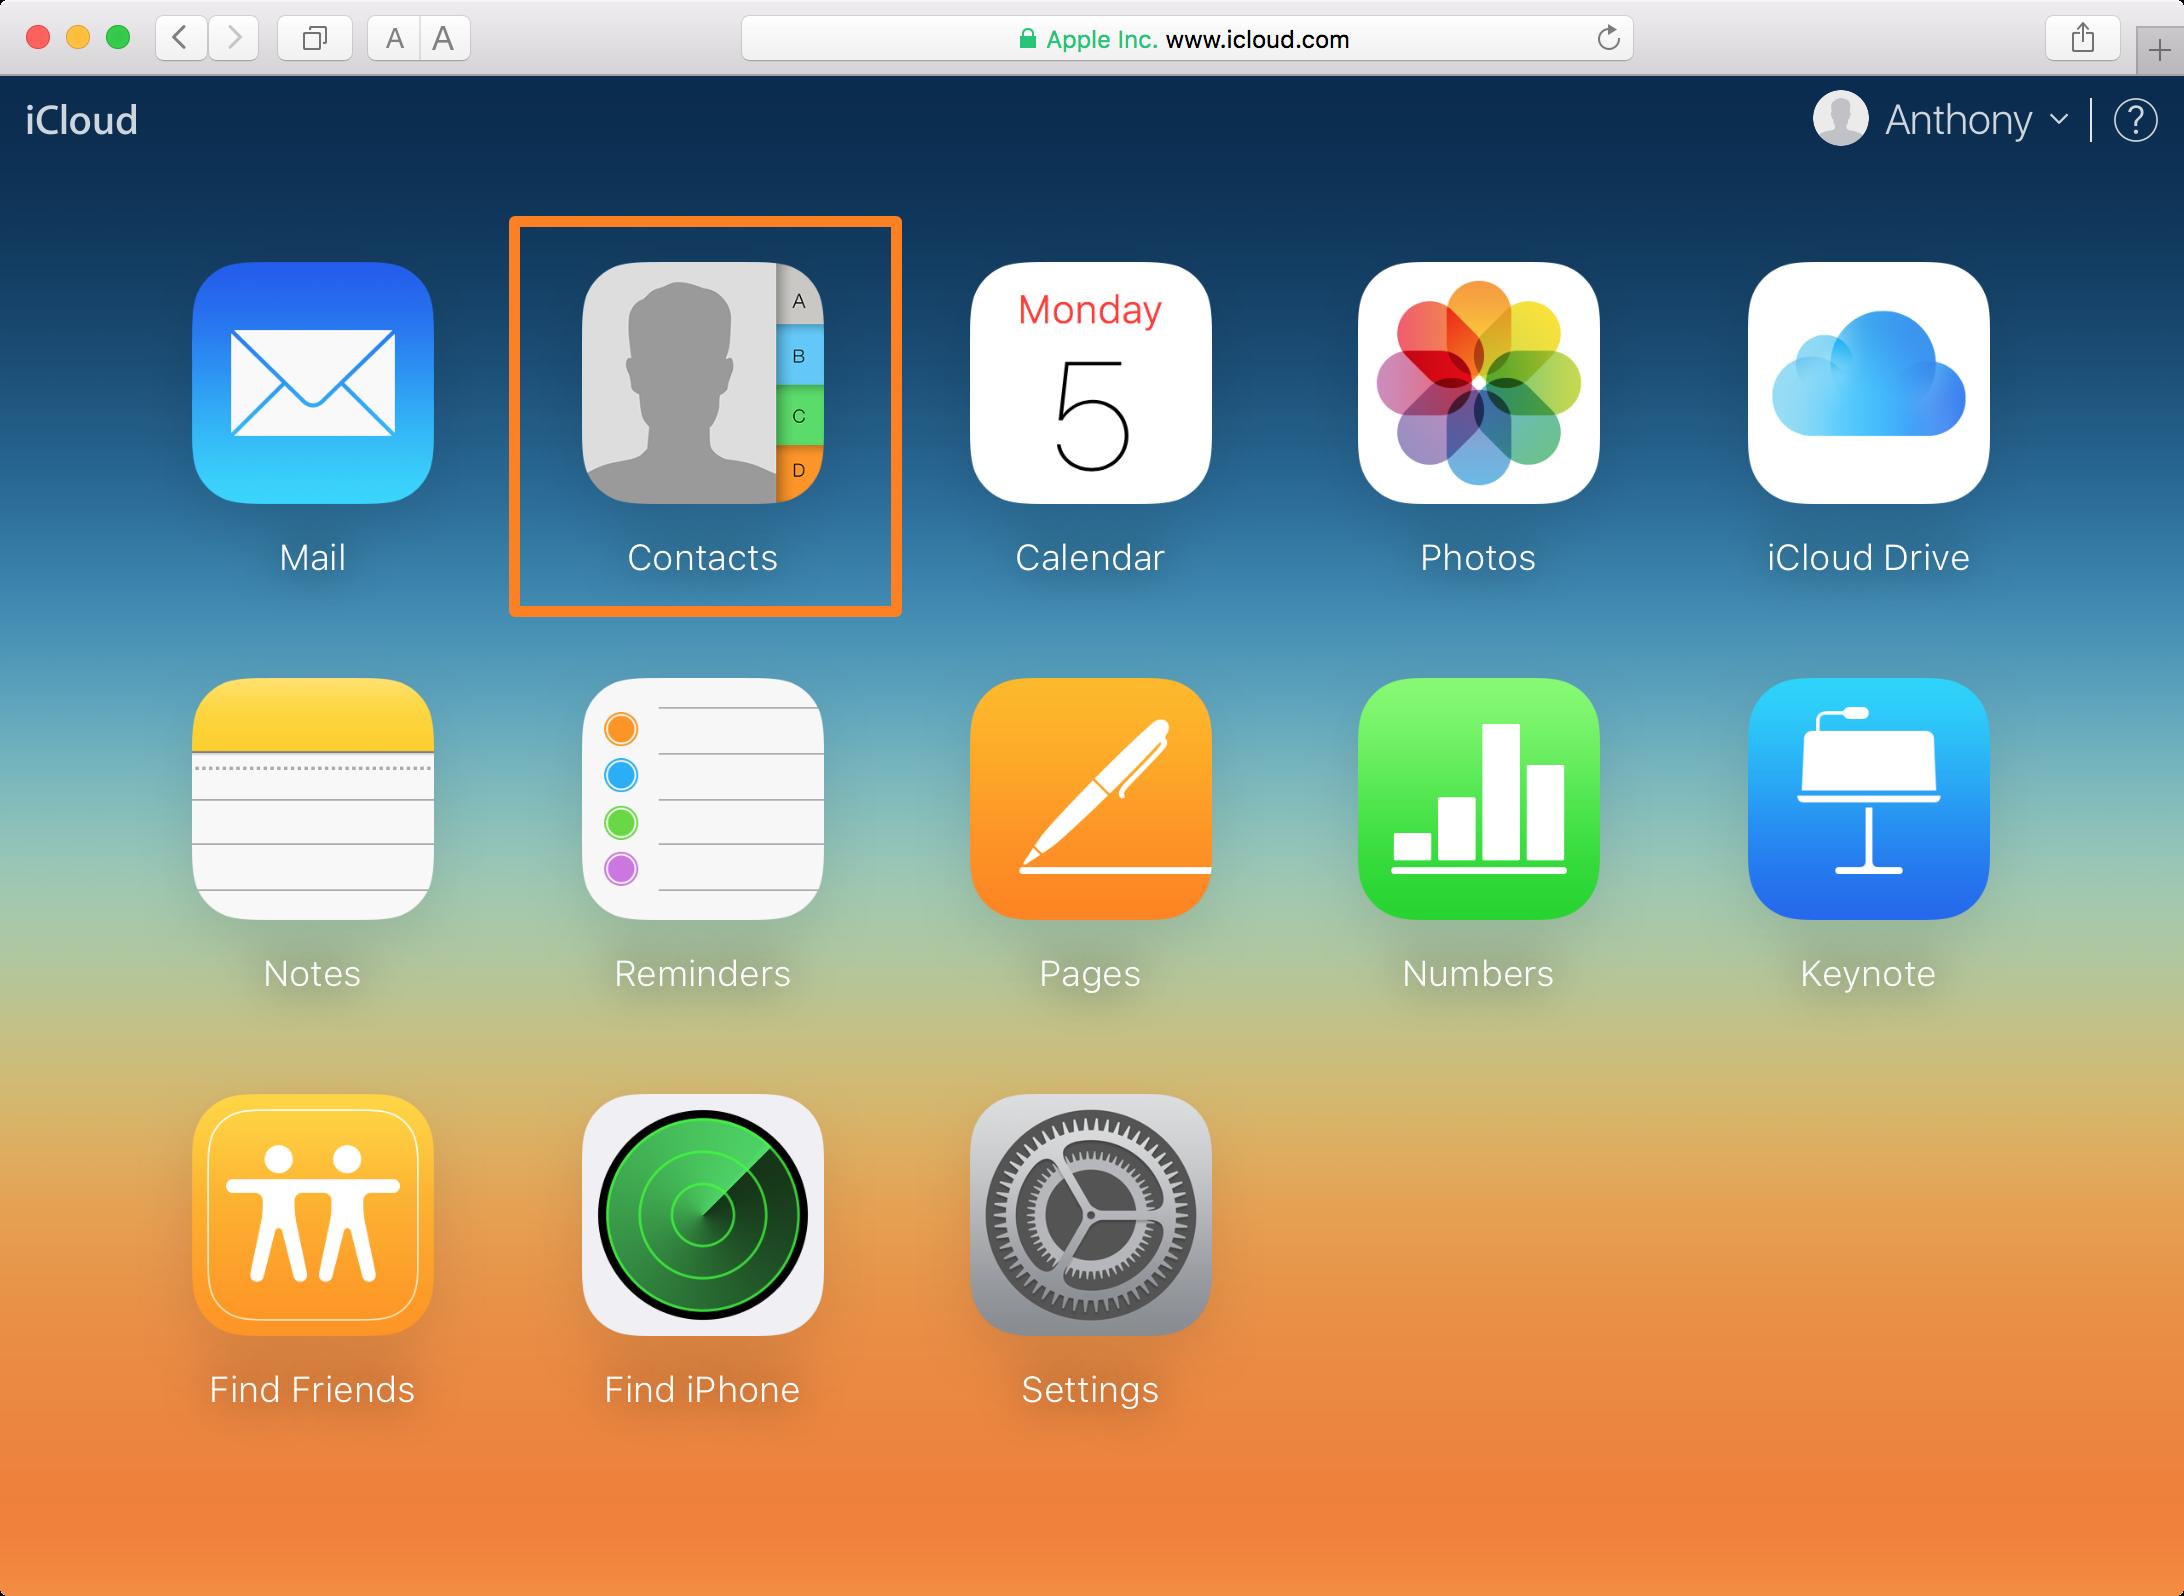 iCloud Website Contacts Web App